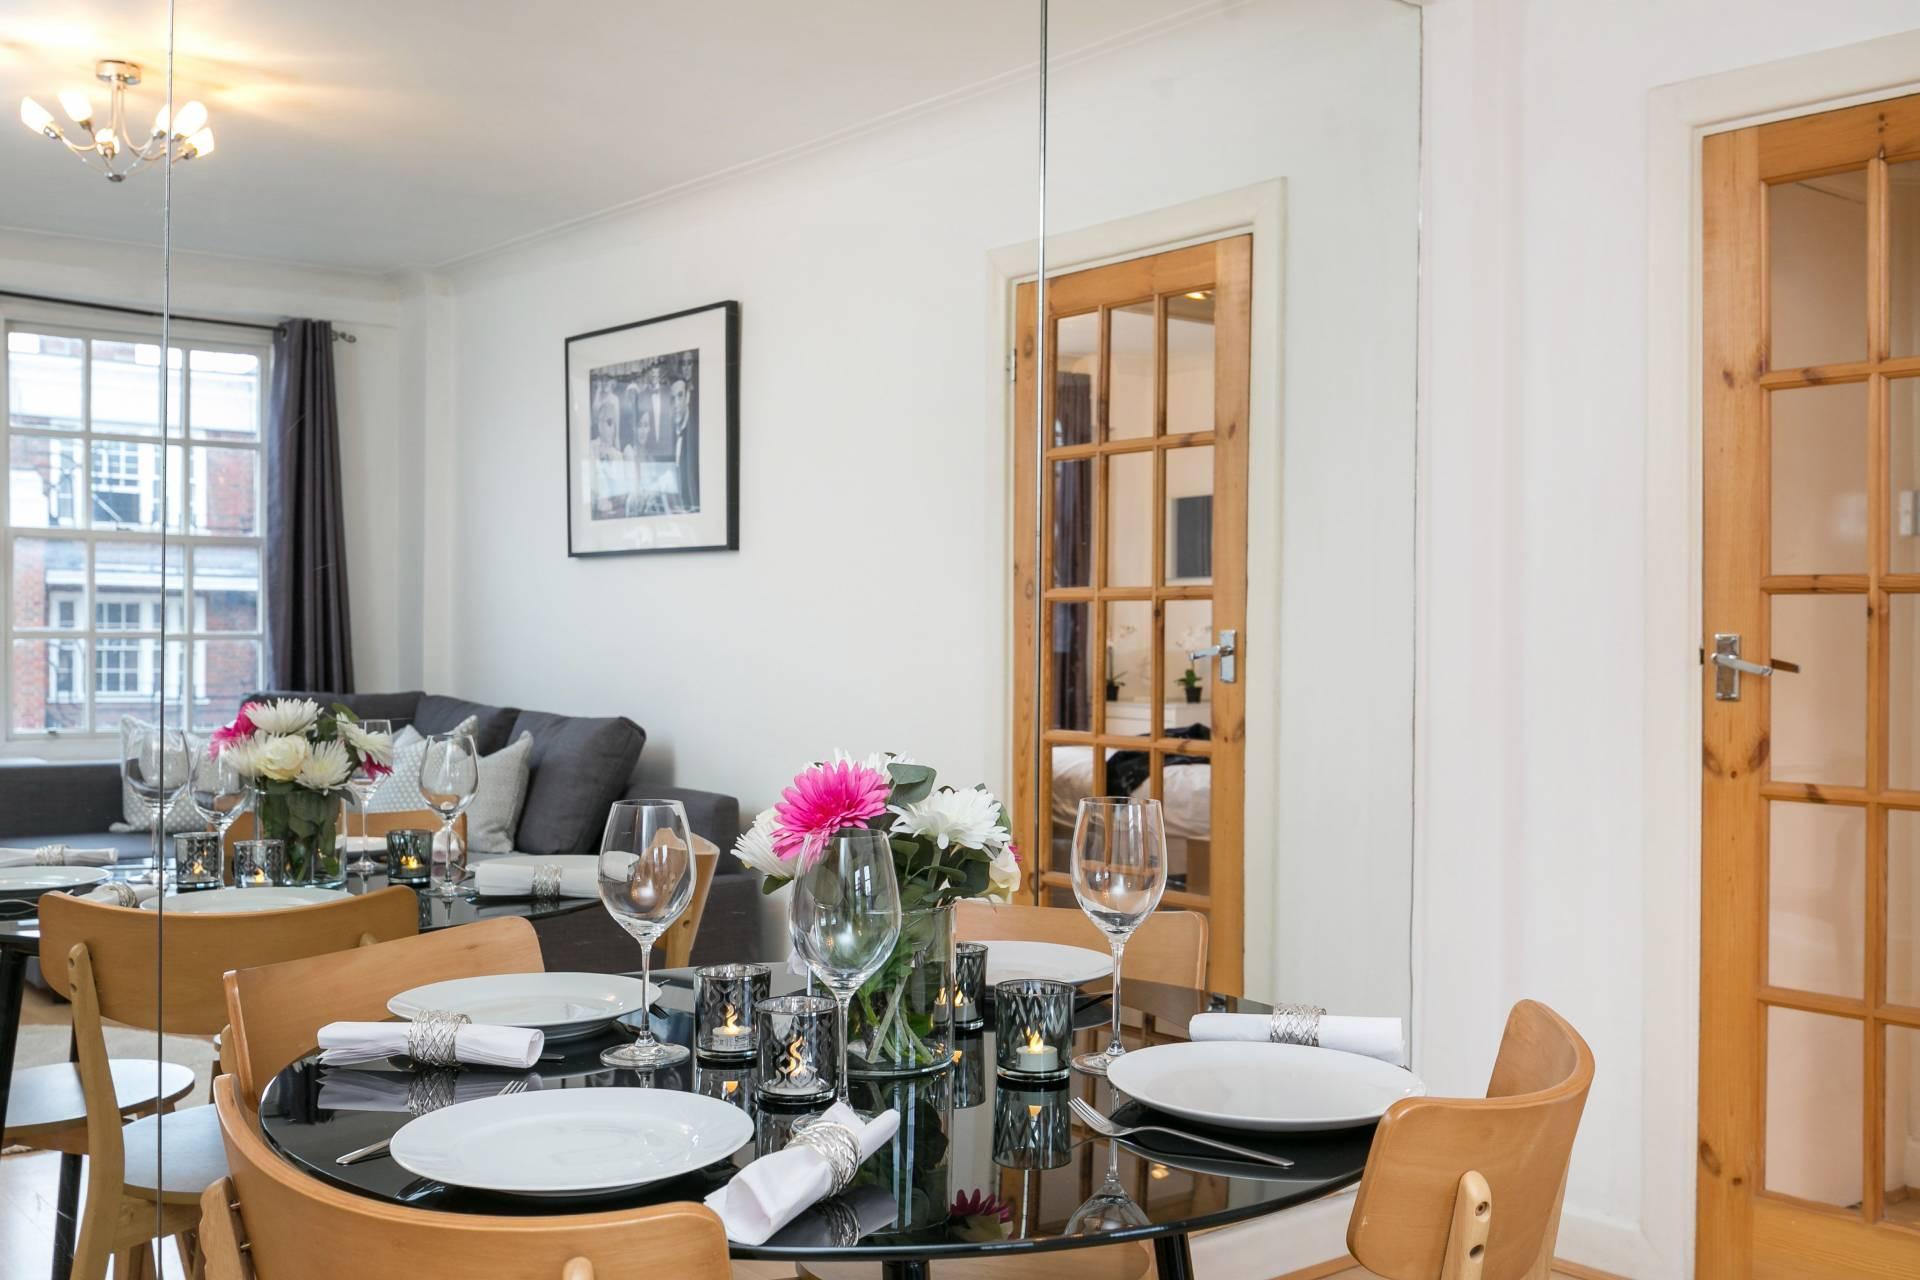 Park West Place , Hyde park, London W2 2QX - The Apartment ...